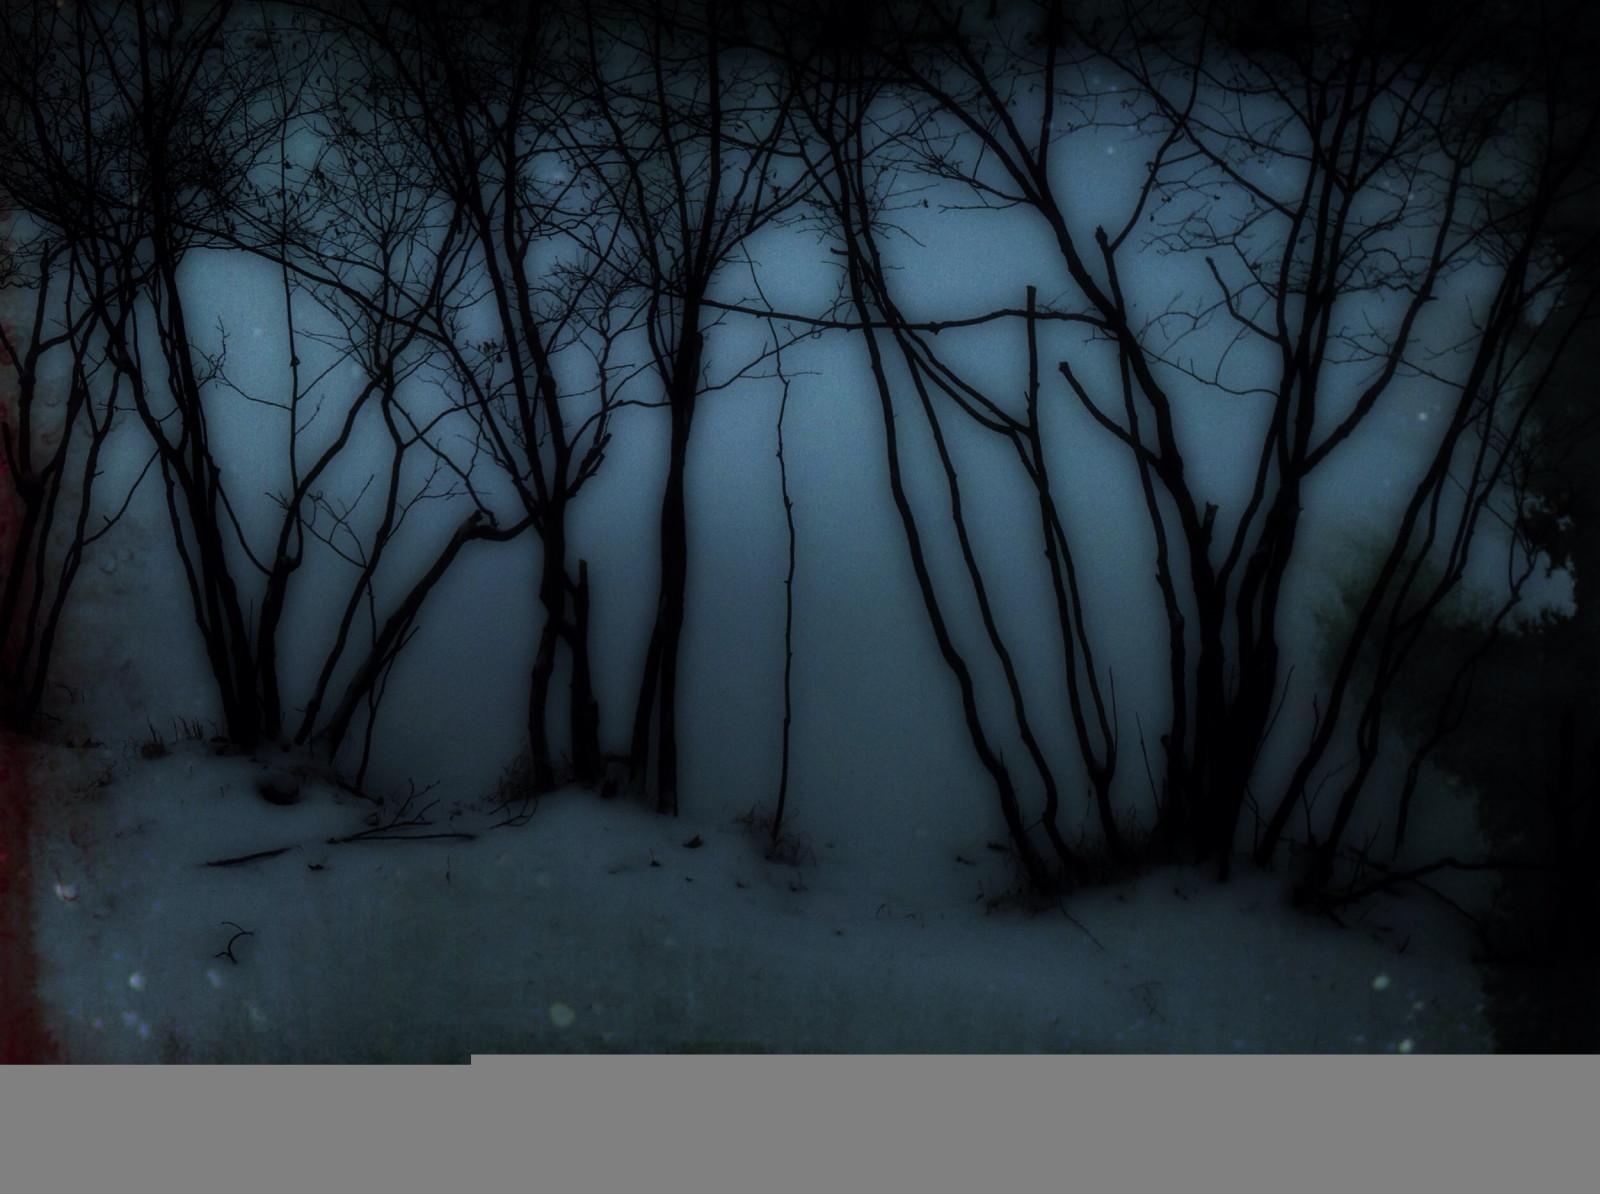 デスクトップ壁紙 日光 木 森林 ダーク 雪 冬 ブランチ 氷